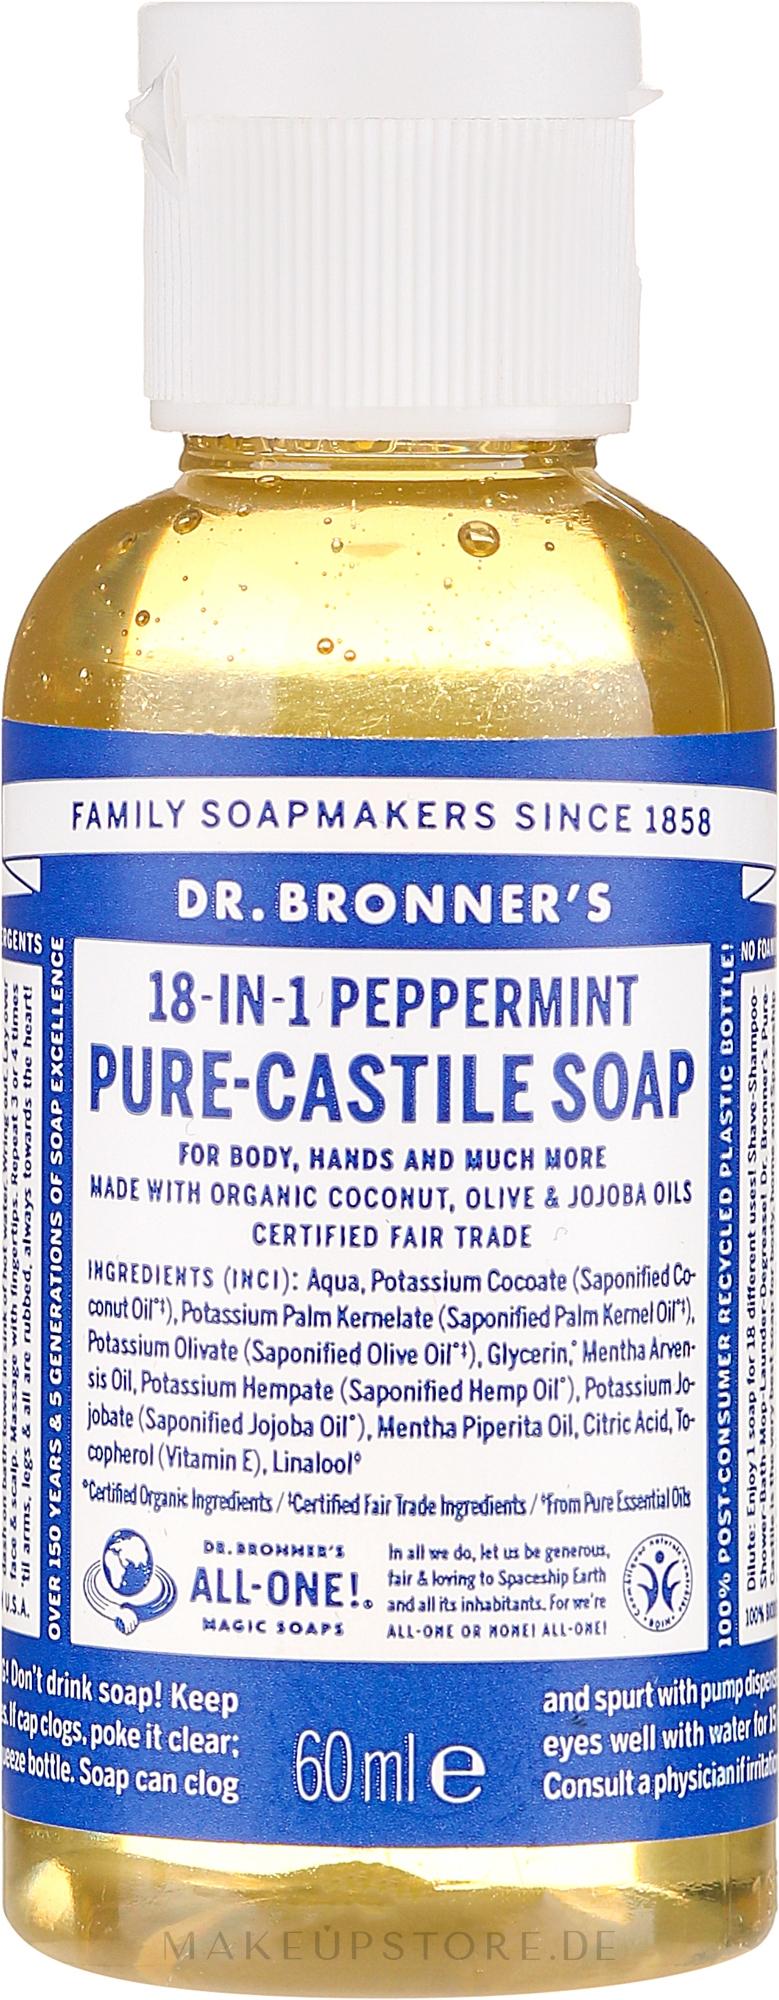 18in1 Flüssigseife mit Pfefferminze für Körper und Hände - Dr. Bronner's 18-in-1 Pure Castile Soap Peppermint — Bild 60 ml